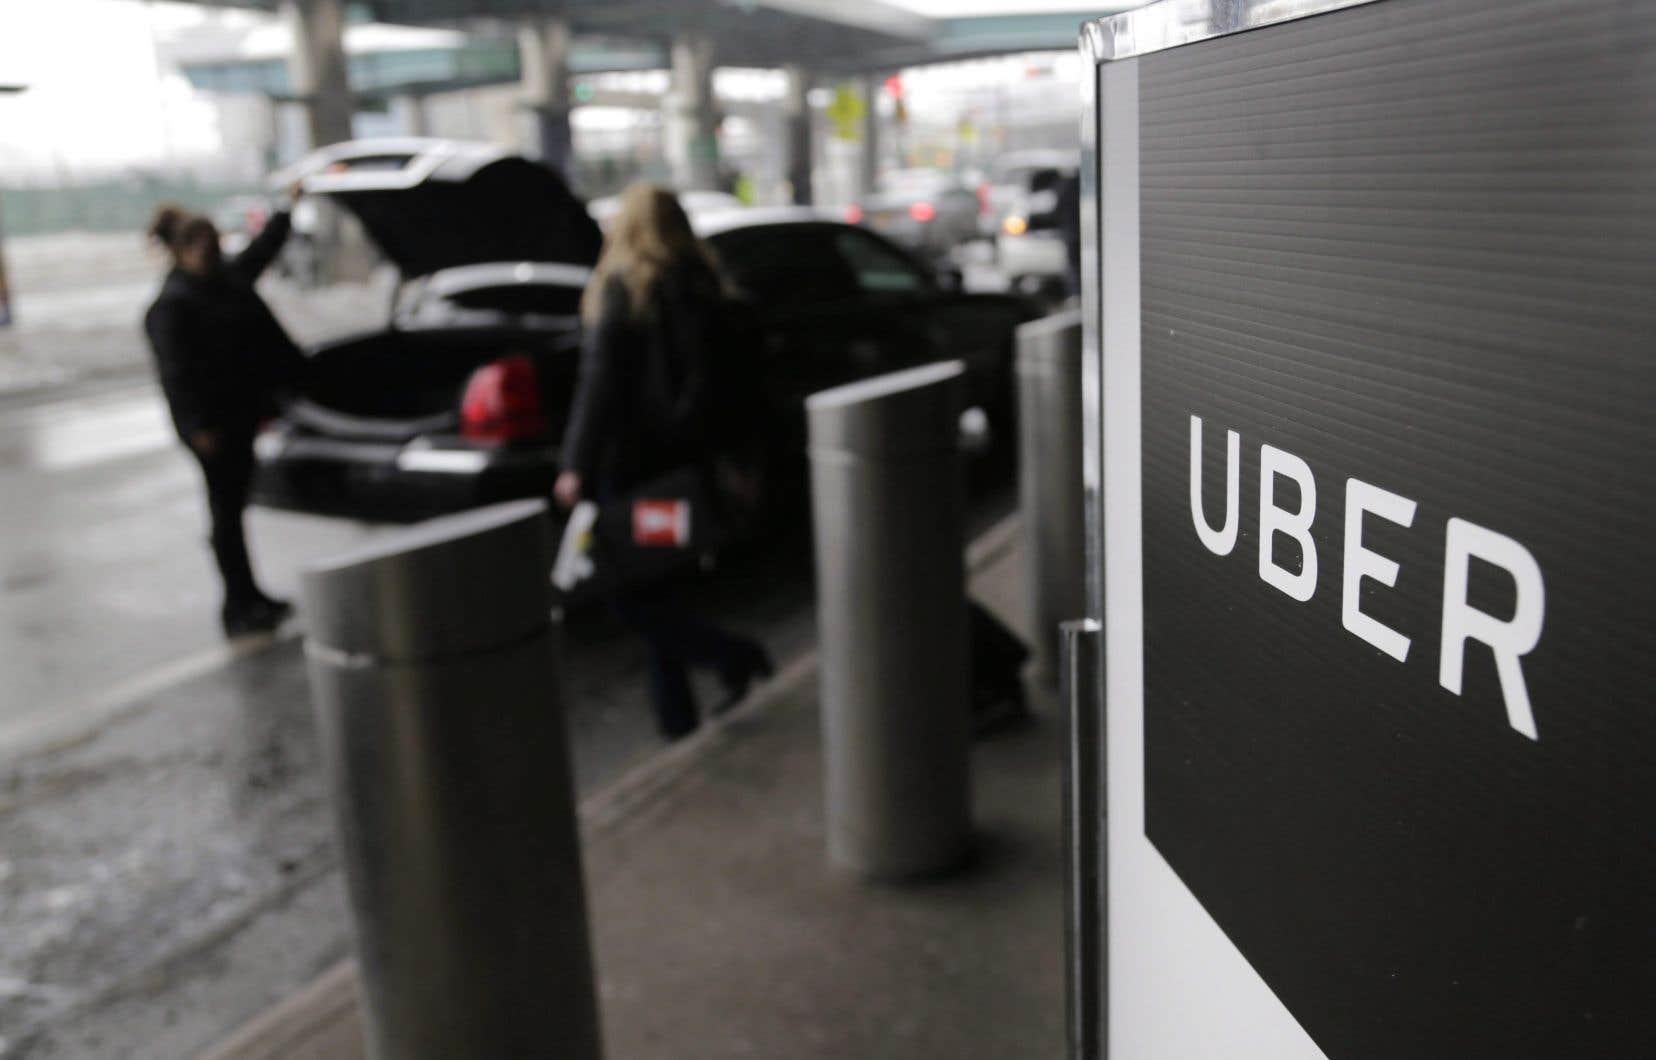 L'entreprise Uber s'est défendue de retenir «les renseignements relativement à des incidents».